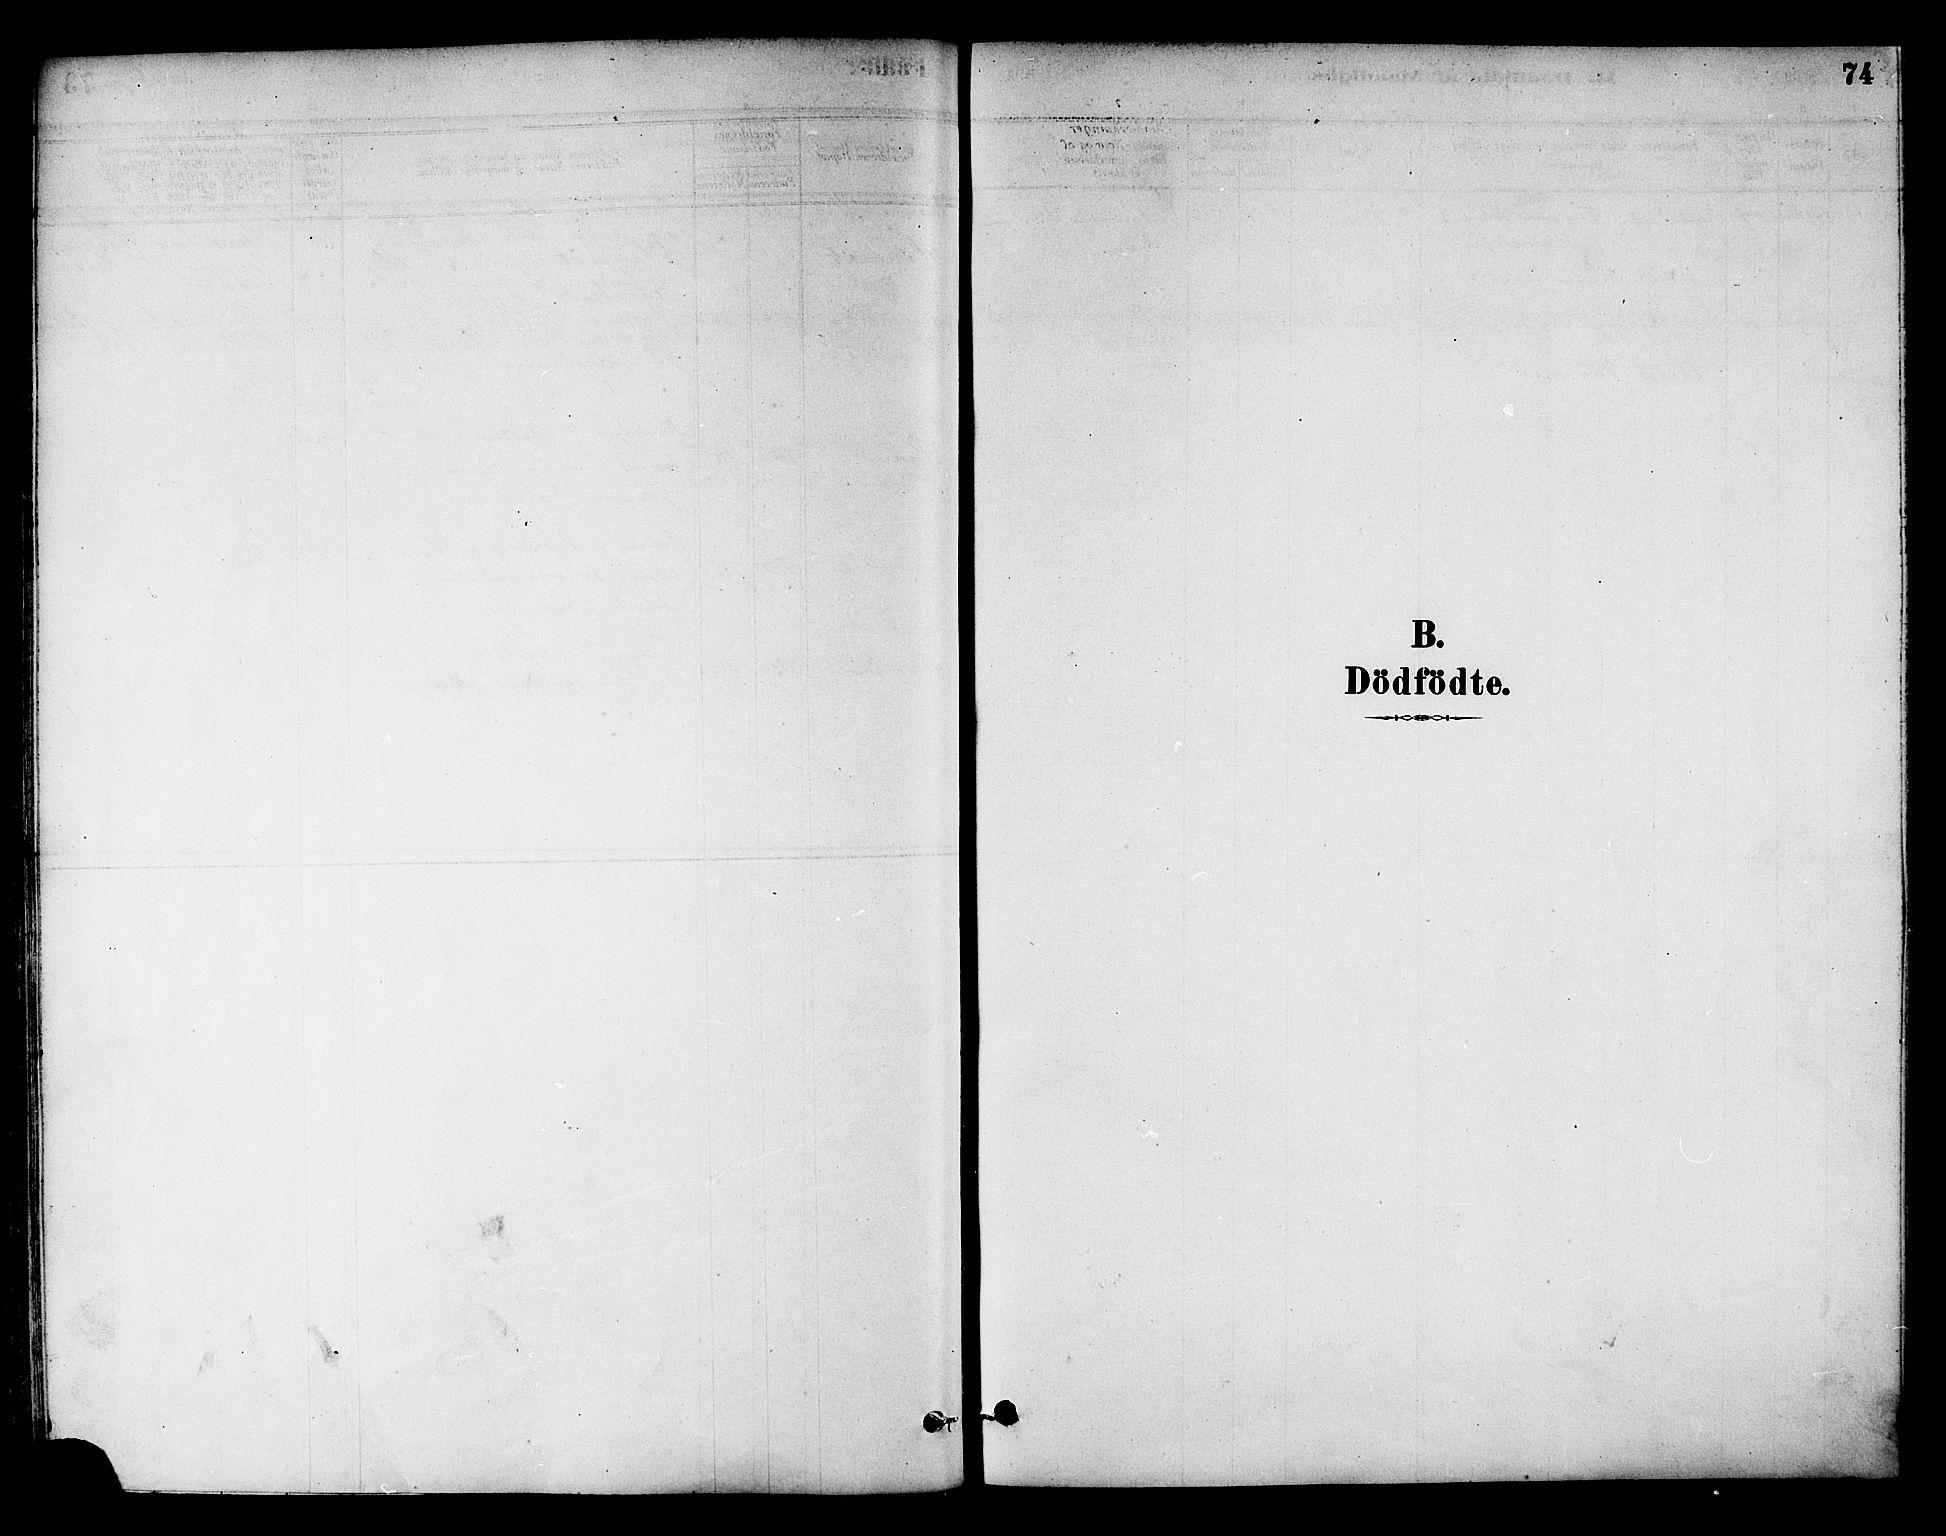 SAT, Ministerialprotokoller, klokkerbøker og fødselsregistre - Nord-Trøndelag, 784/L0672: Ministerialbok nr. 784A07, 1880-1887, s. 74